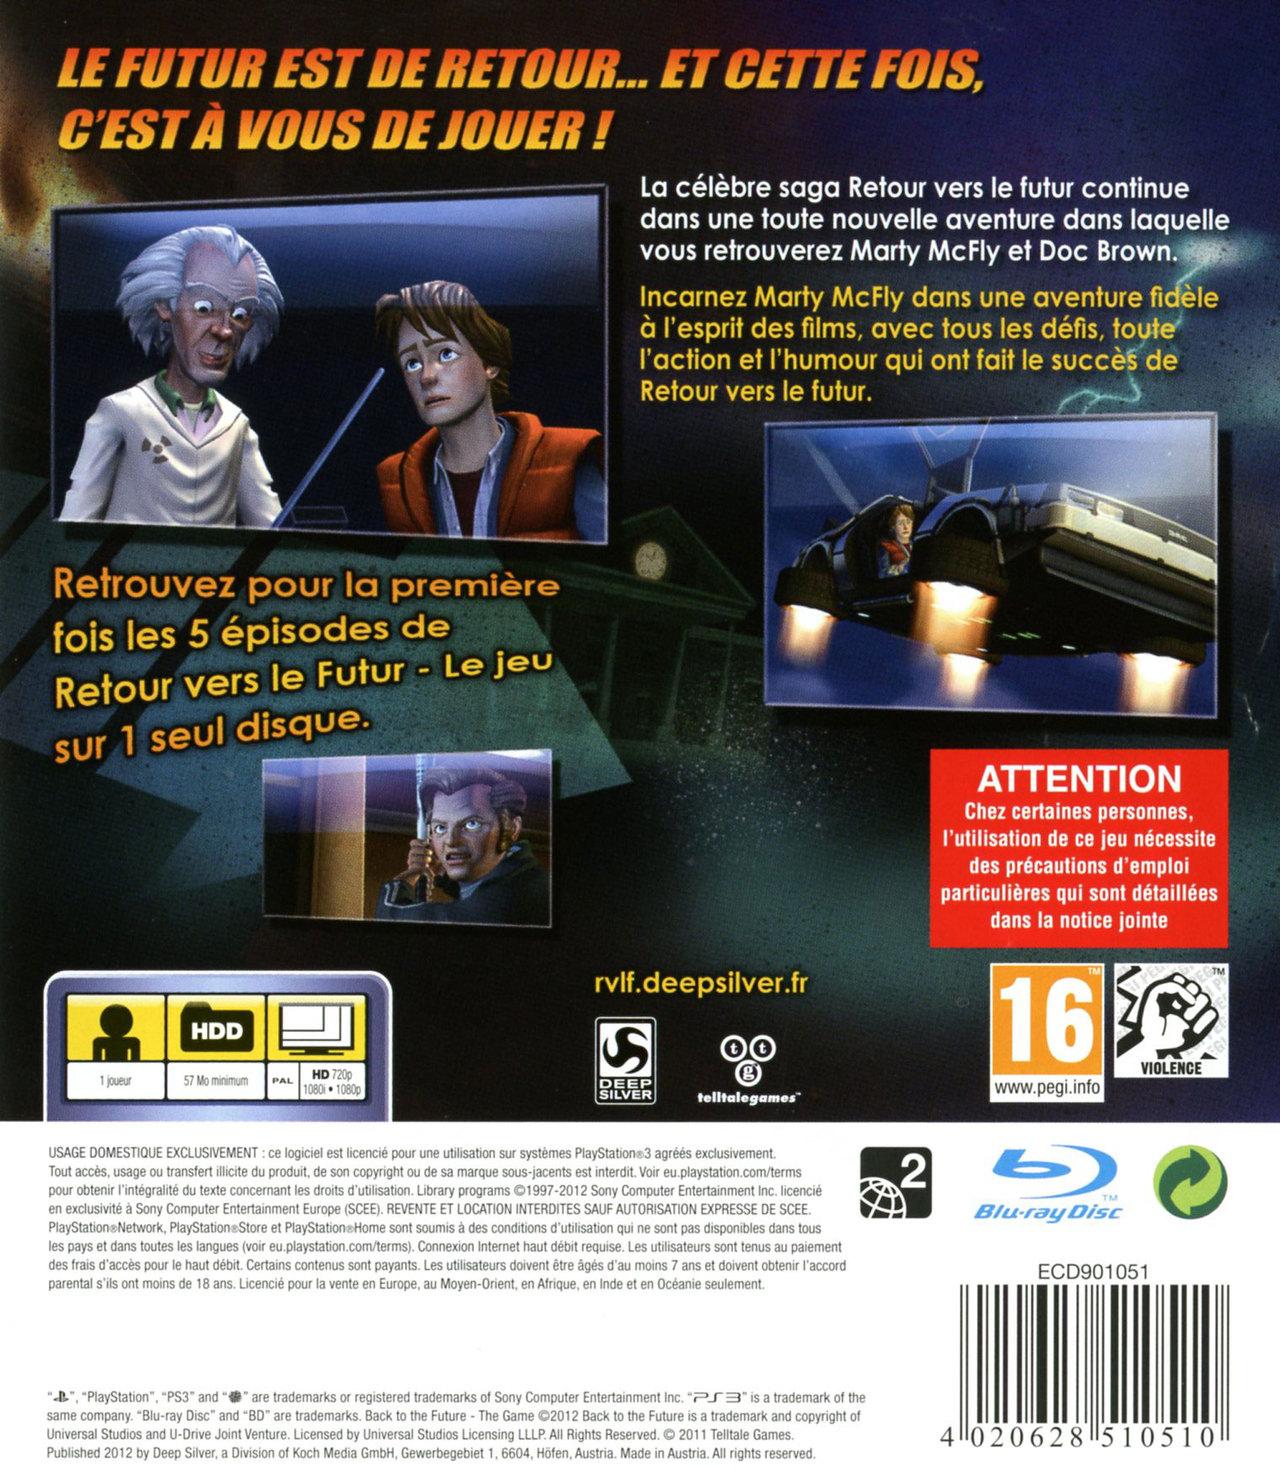 jeuxvideo.com Retour vers le Futur : Le Jeu - PlayStation 3 Image 2